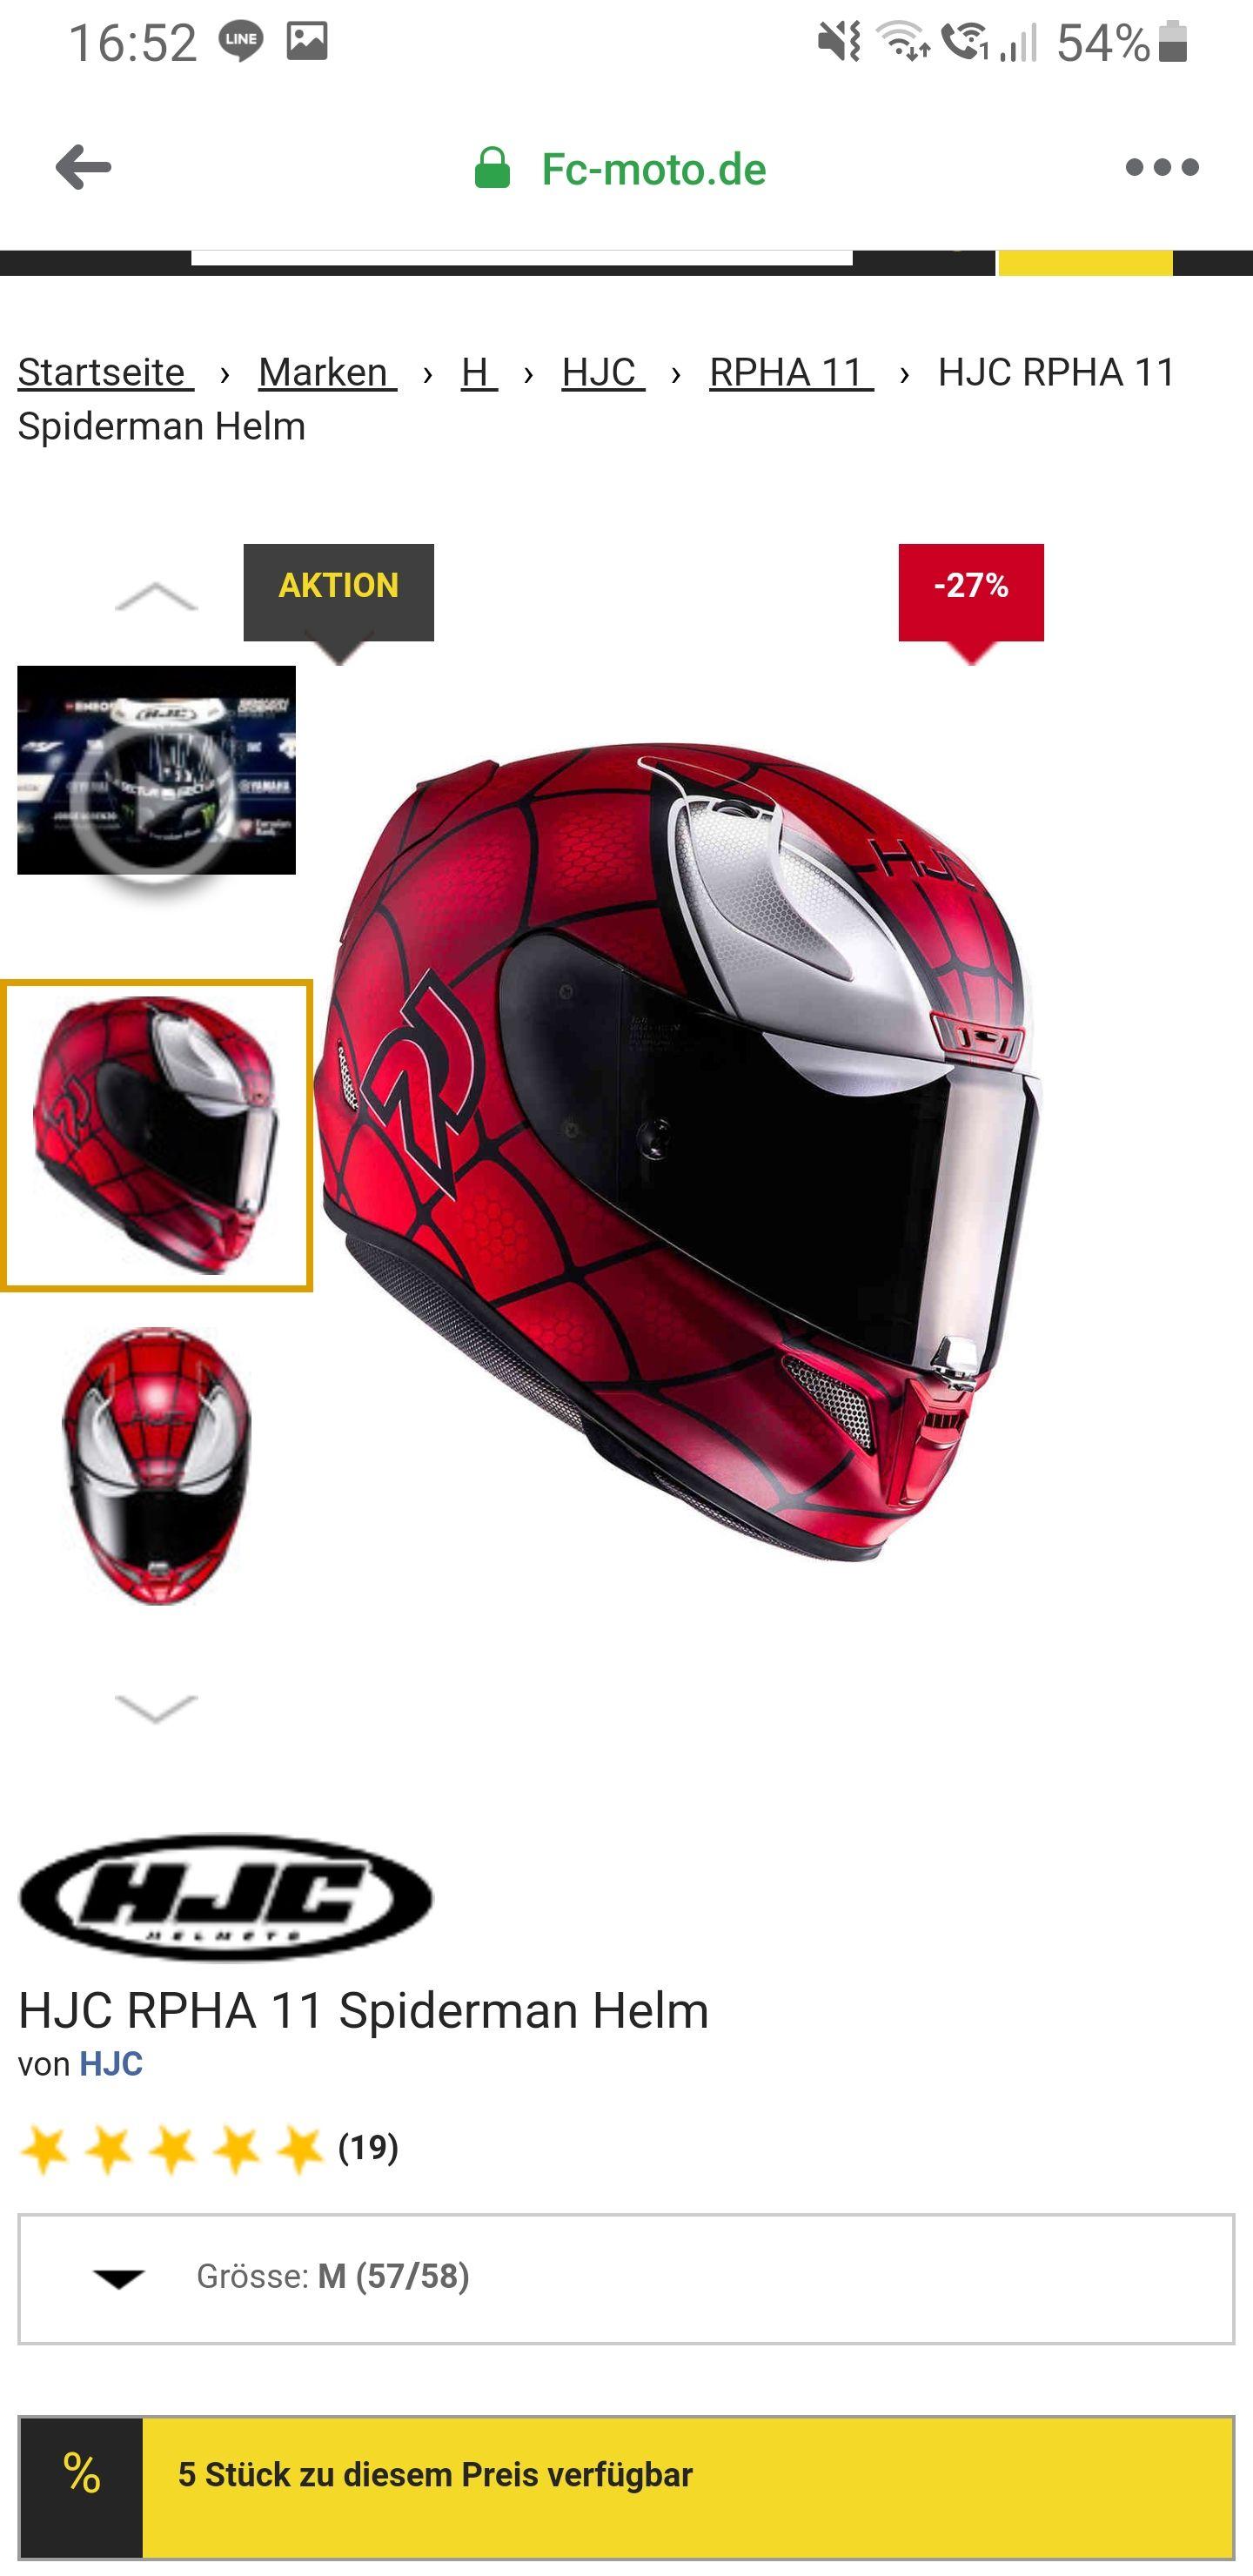 Motorradhelm HJC RPHA 11 Spiderman, Marvel lizensiert